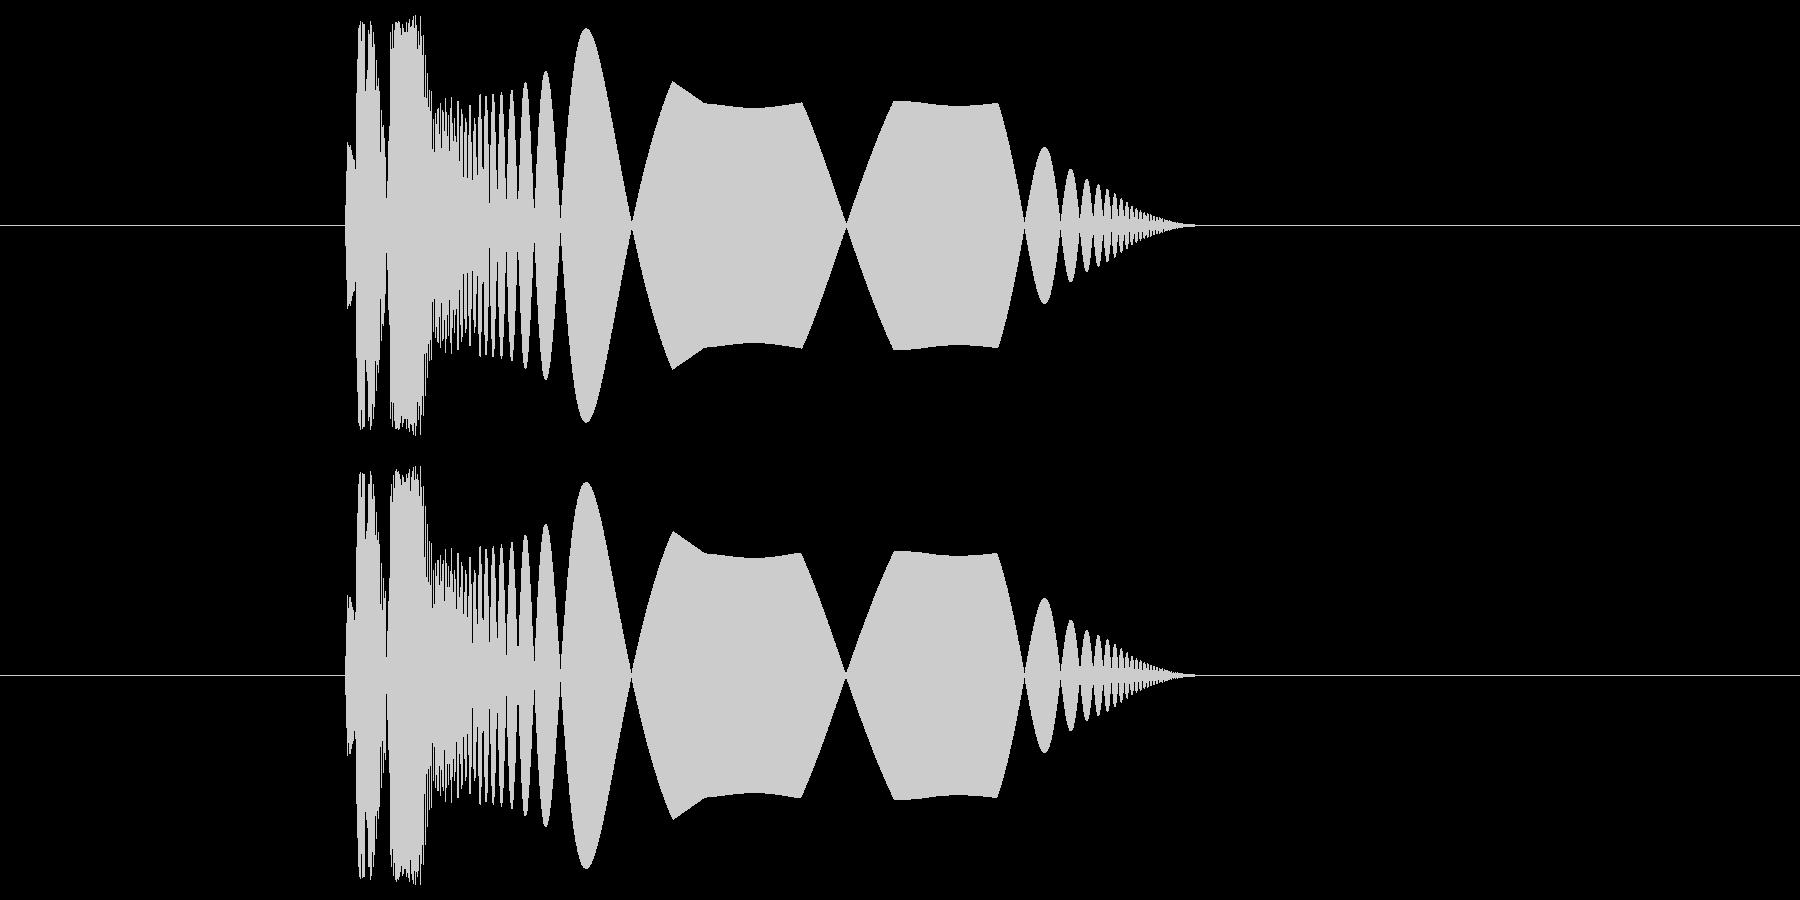 プチュ!【やわらかい音】の未再生の波形